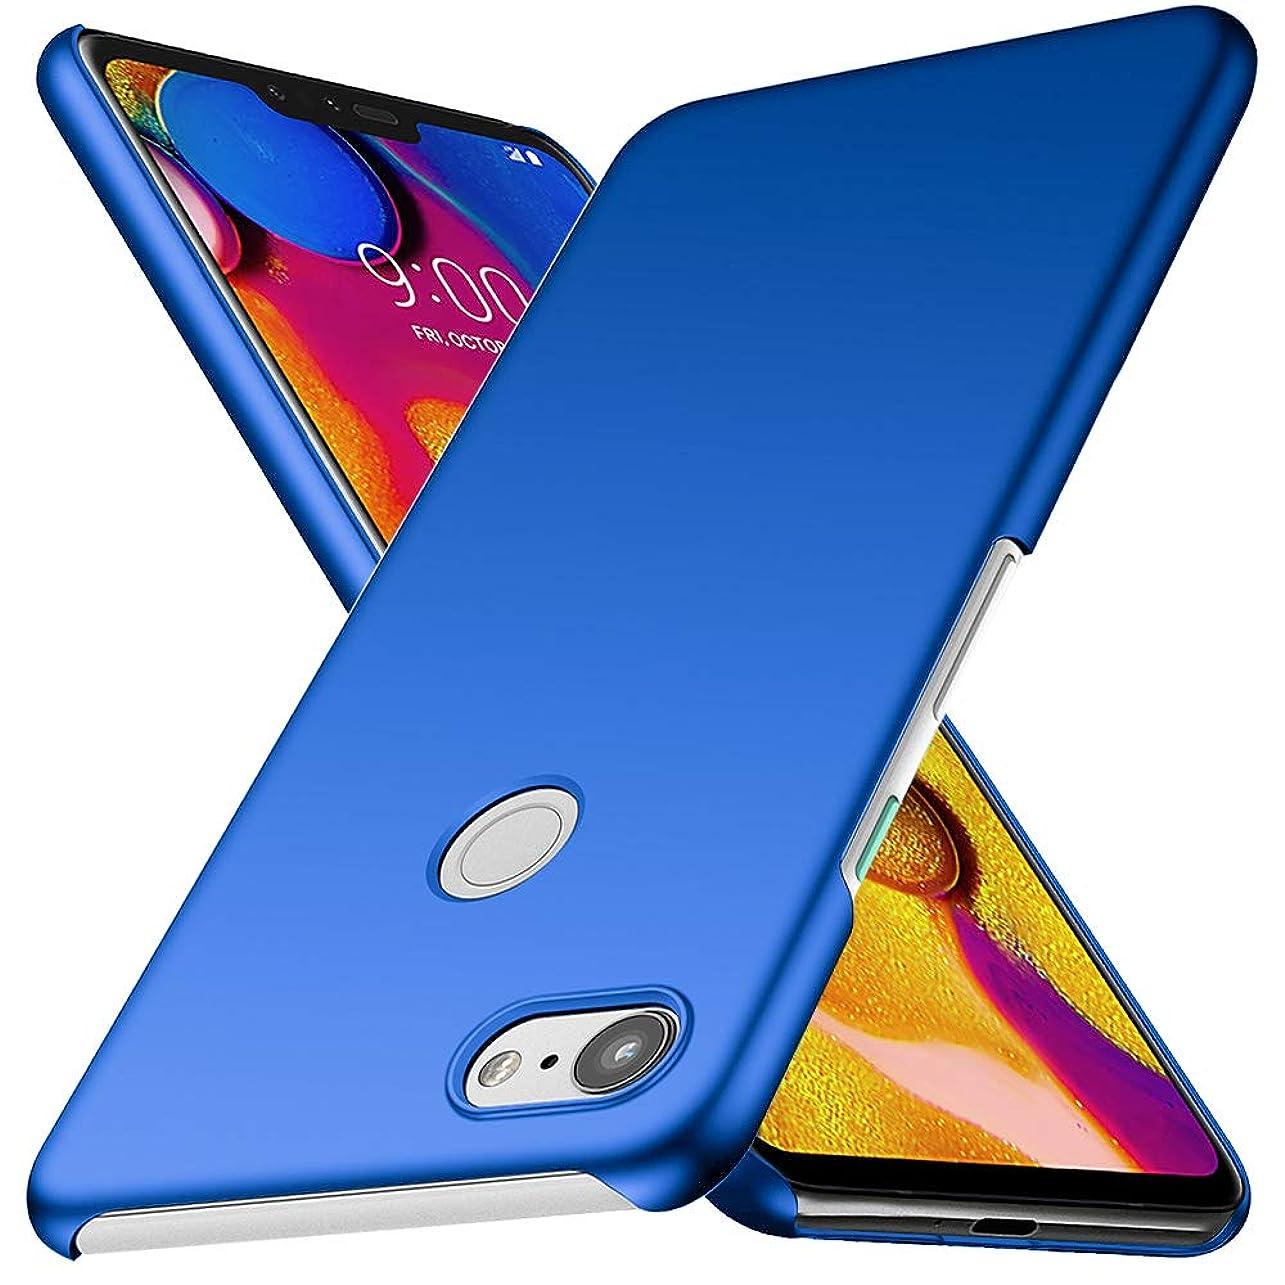 伴う七面鳥モディッシュGoogle Pixel 3 ケース QICASE Pixel 3 レンズ保護 耐衝撃 指紋防止 超薄型 超耐磨 軽量 Google Pixel 3 スマートフォンケース (ブルー)